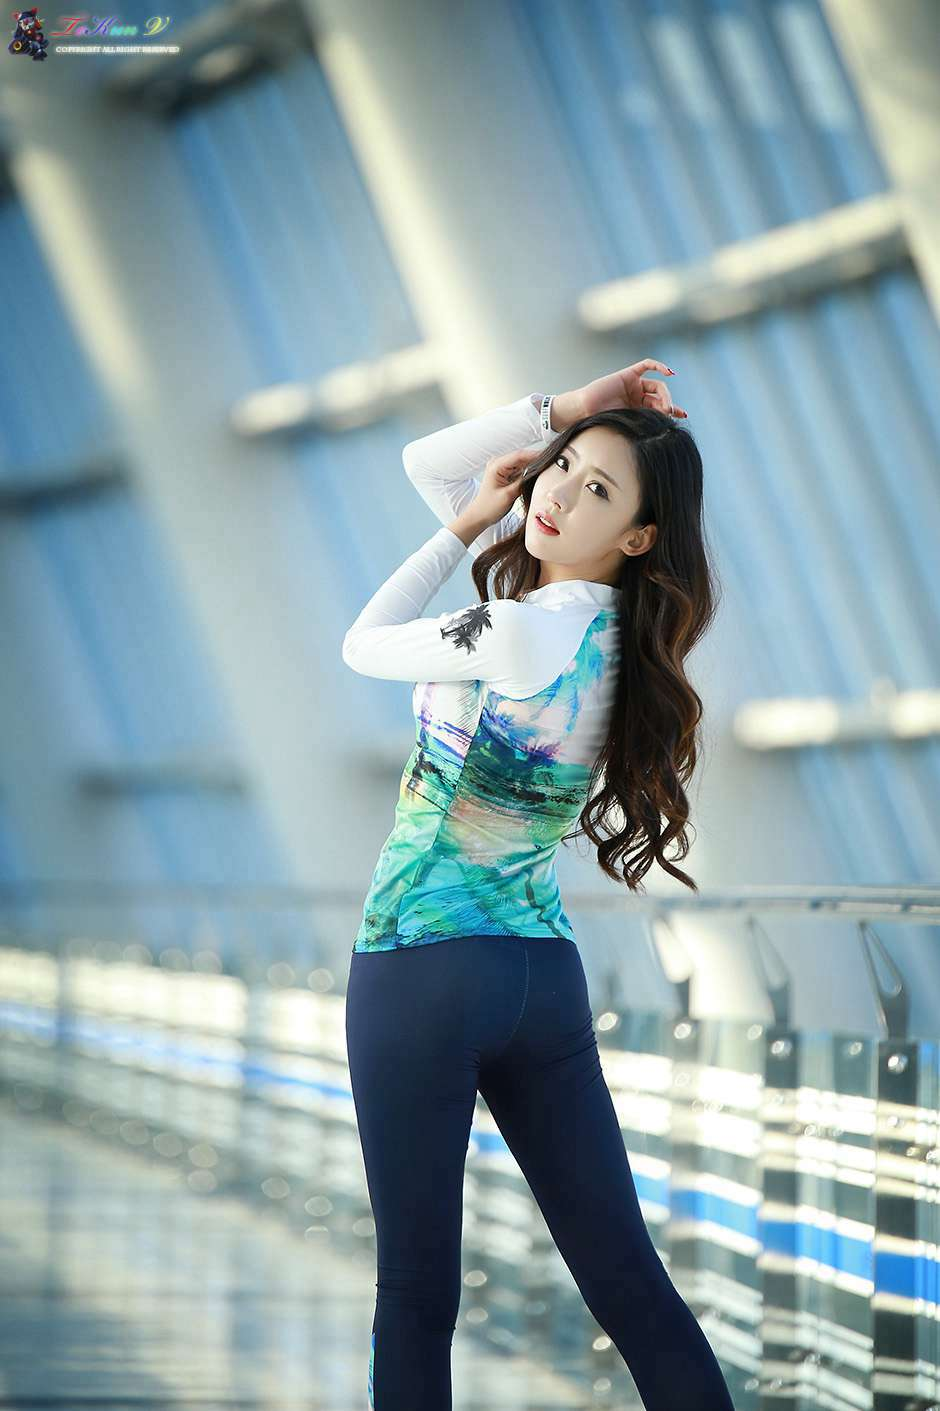 韩国翘臀美女紧身裤秀好身材